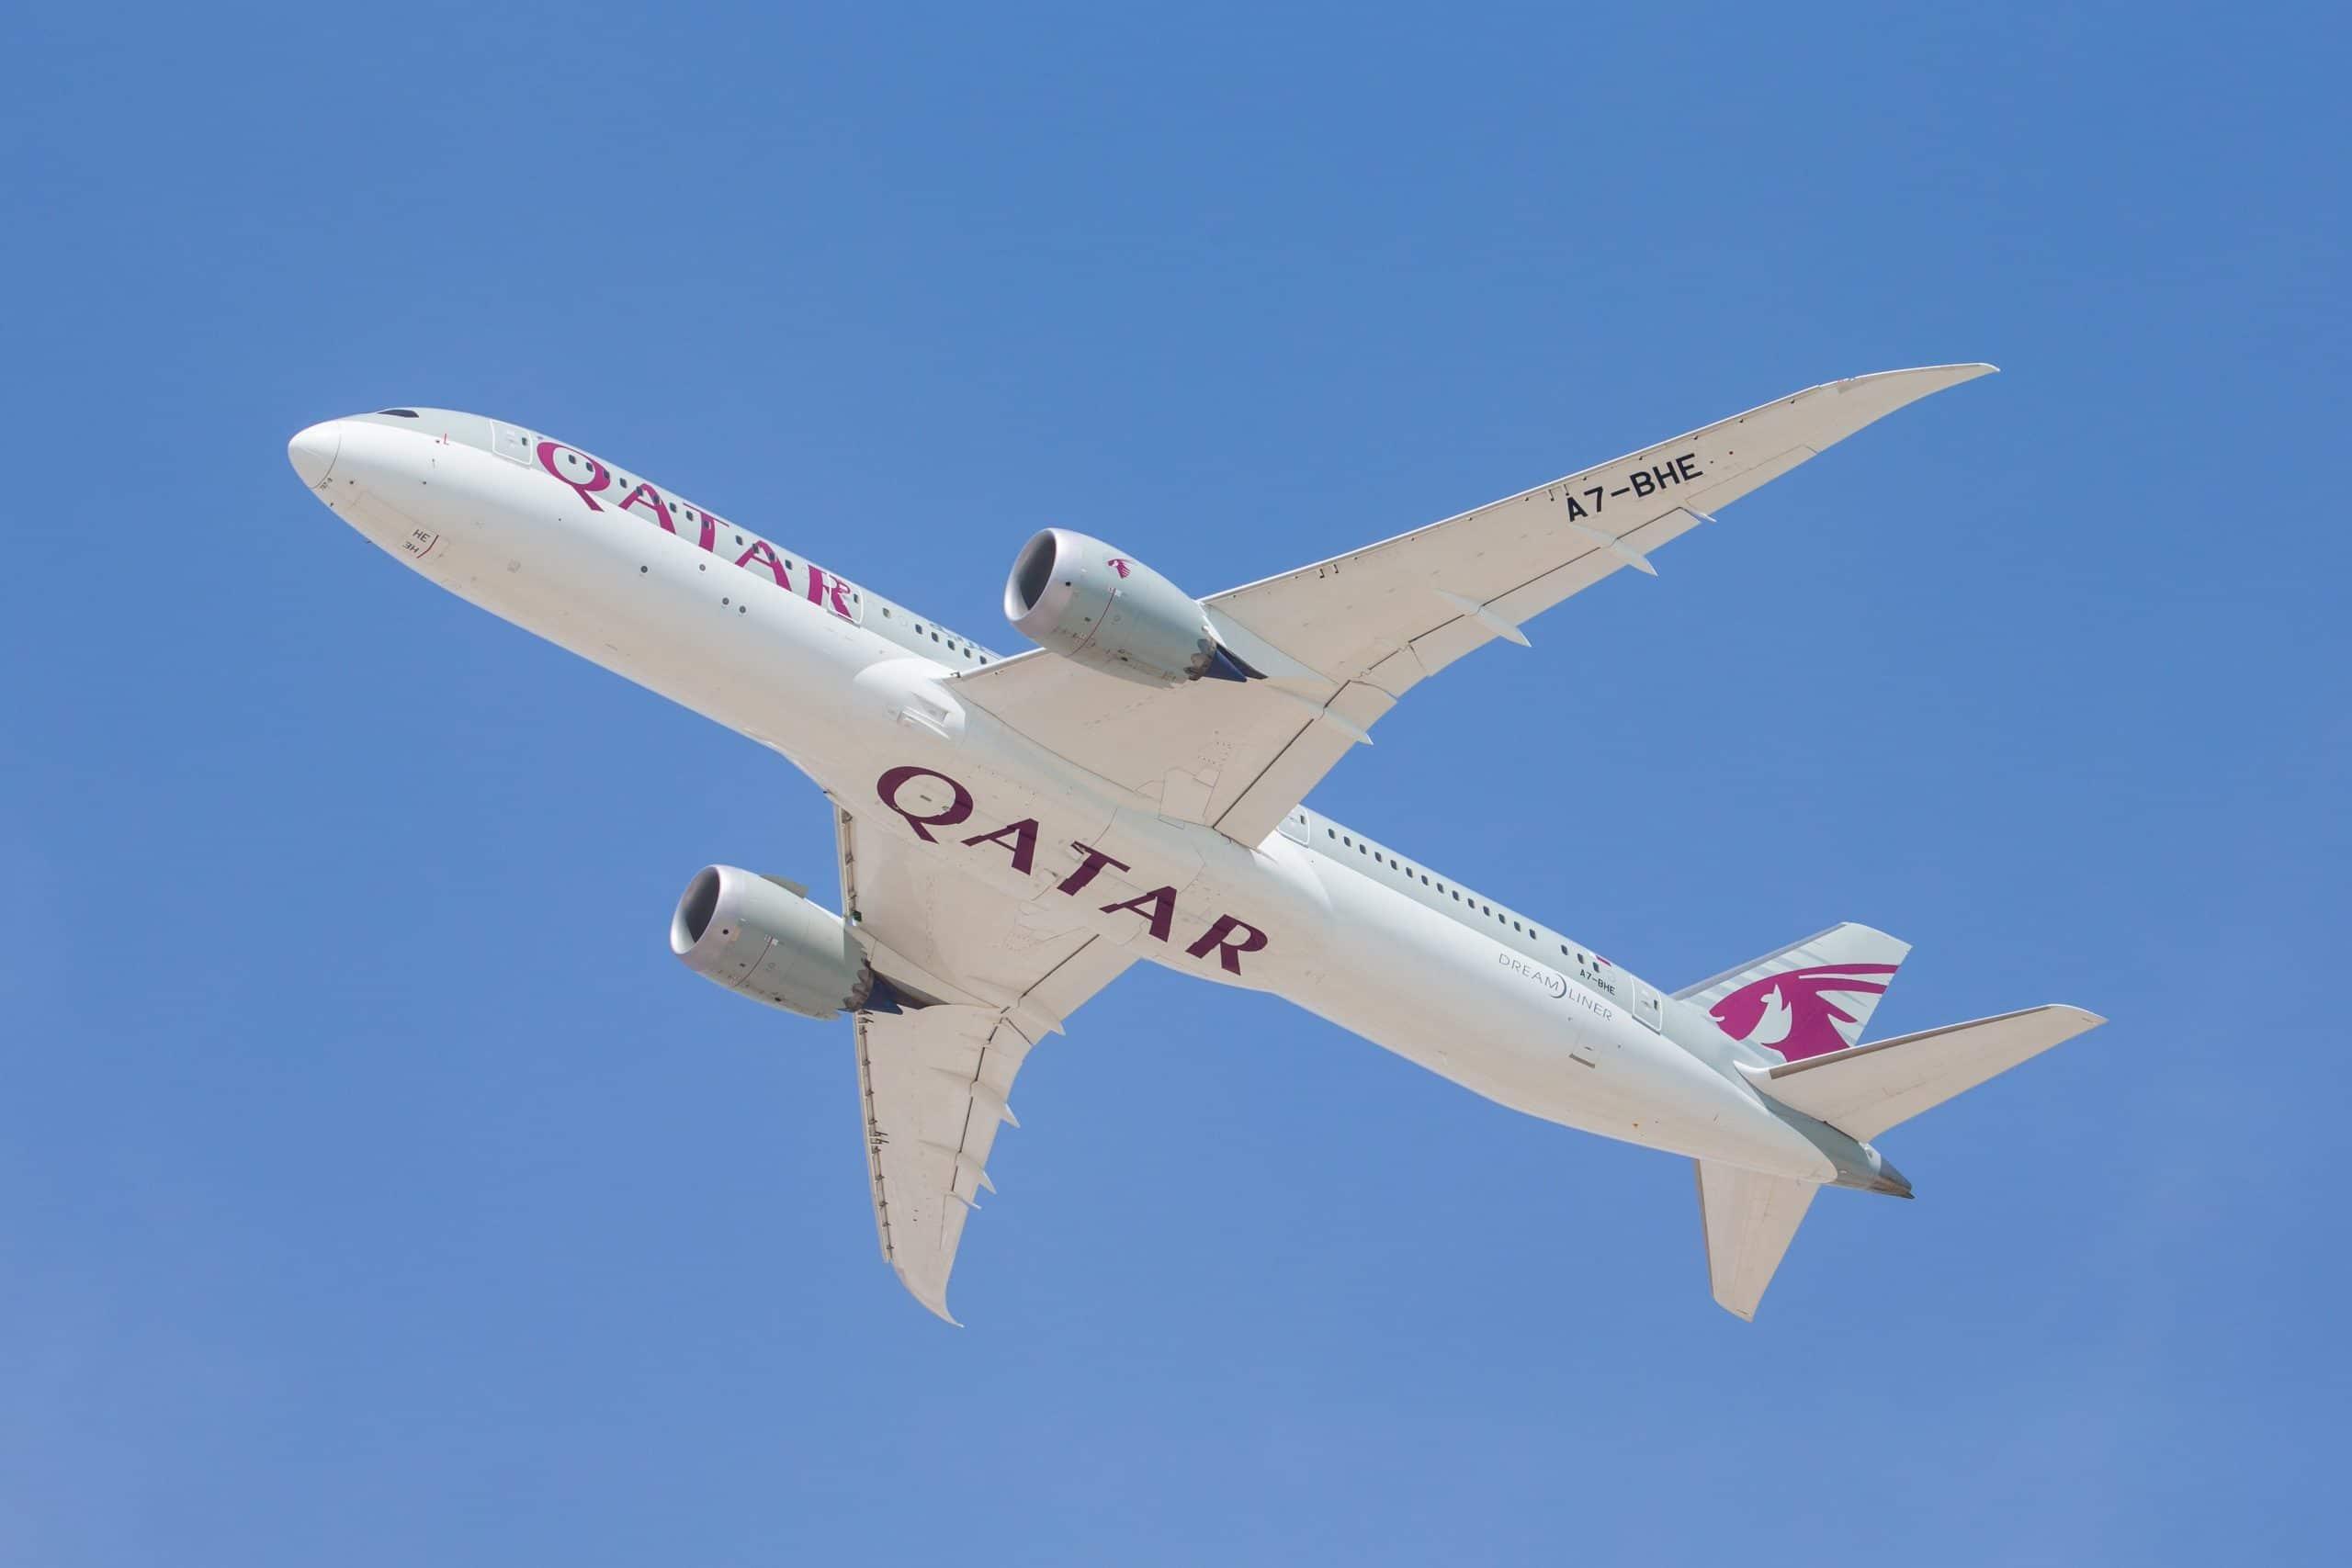 الخطوط الجوية القطرية تفوز بجائزة أفضل شركة طيران في العالم للمرة السادسة